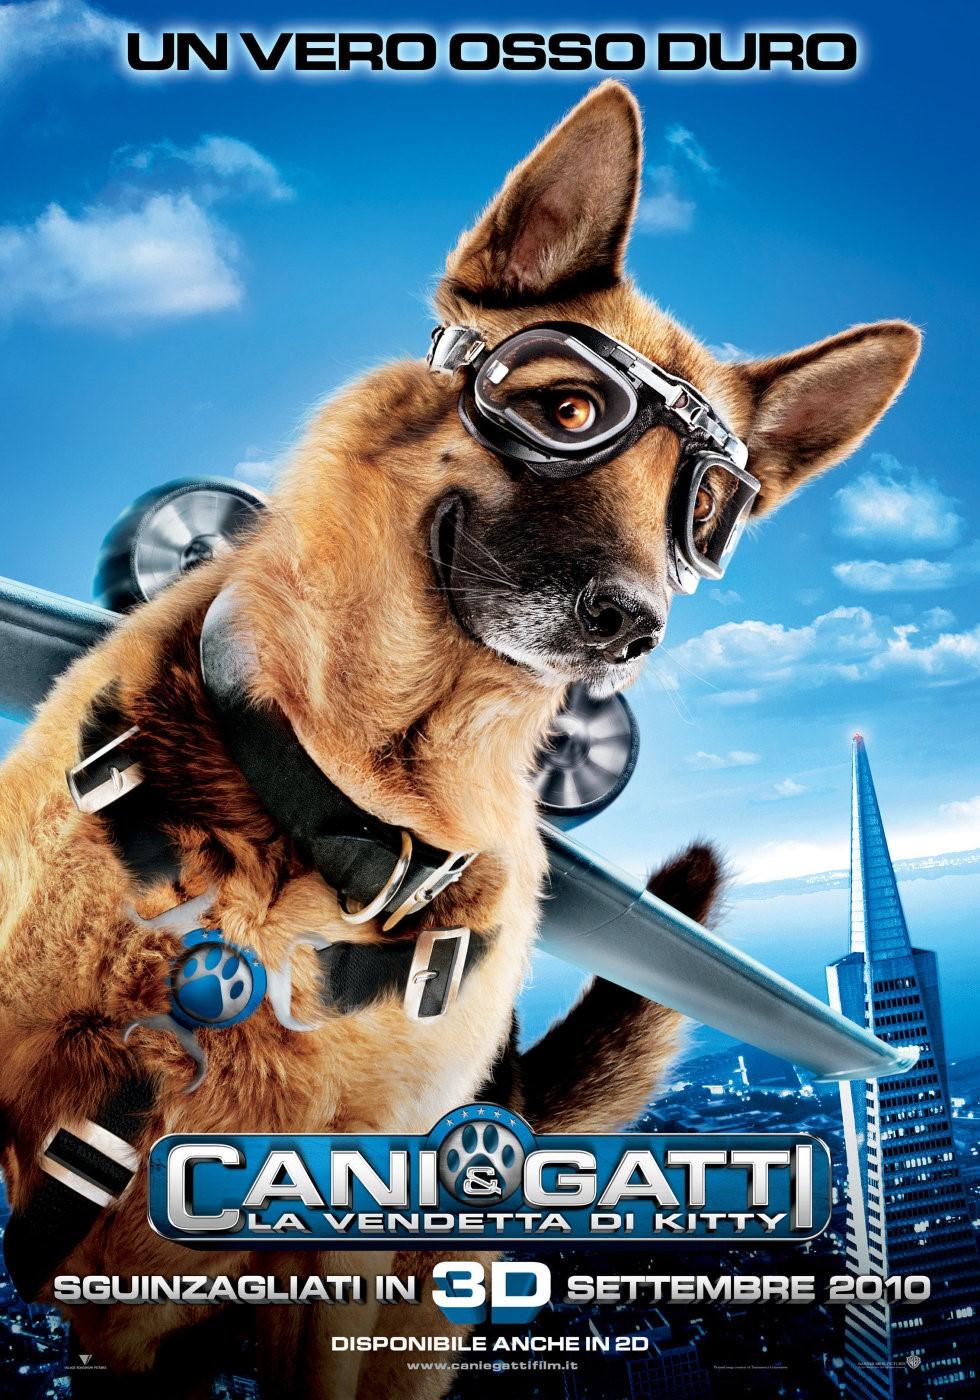 cani & gatti: la vendetta di kitty (2010) b. peyton - recensione